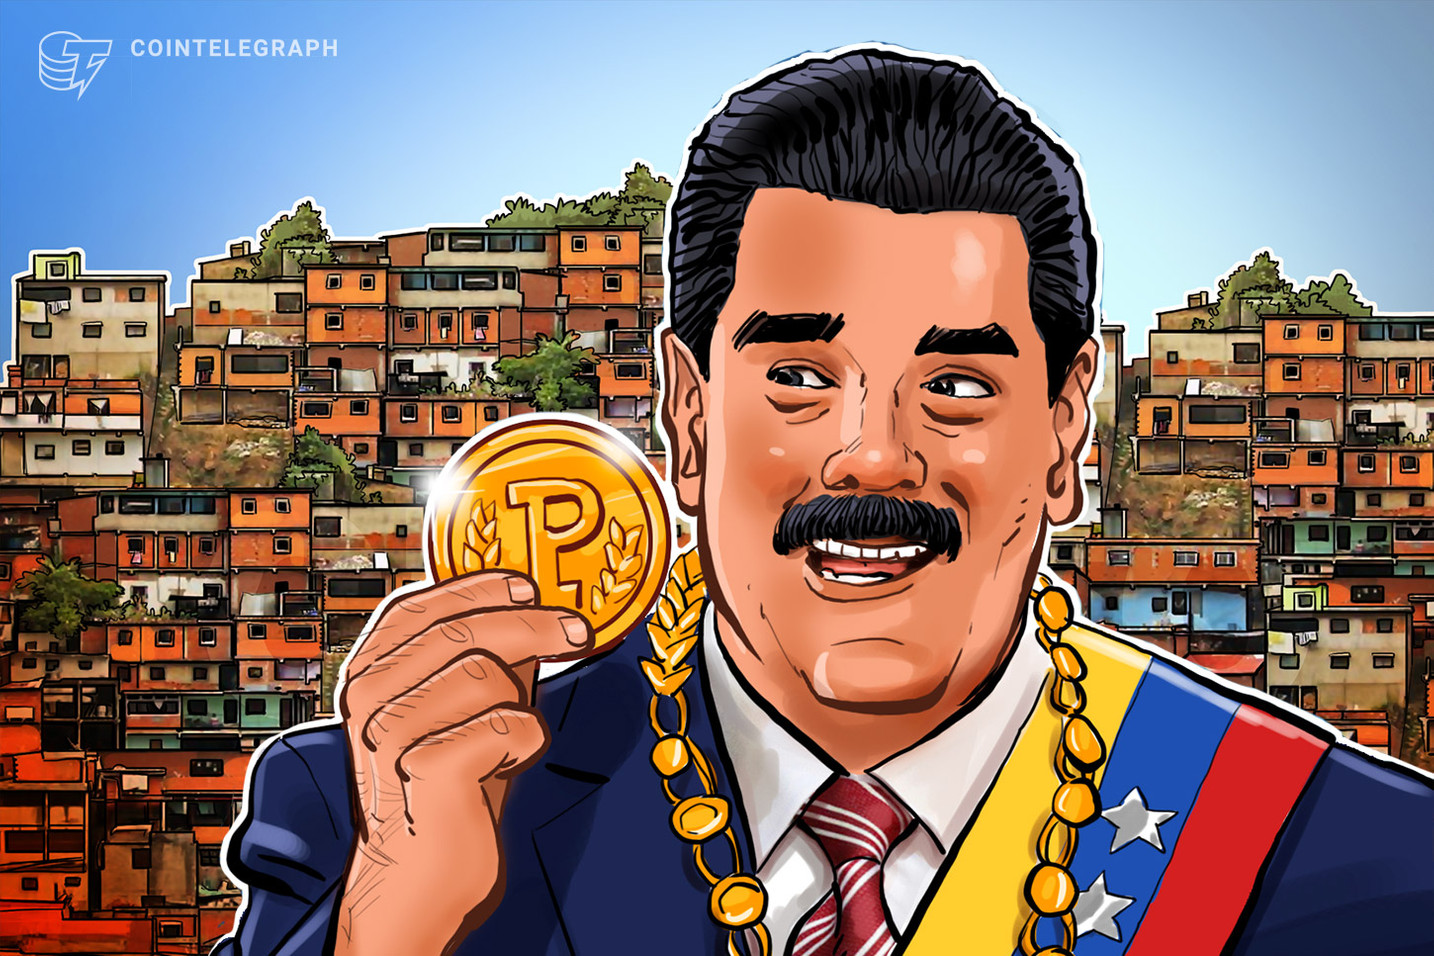 فنزويلا ستدفع مكافأة المتقاعدين وأصحاب المعاشات بعملة بترو